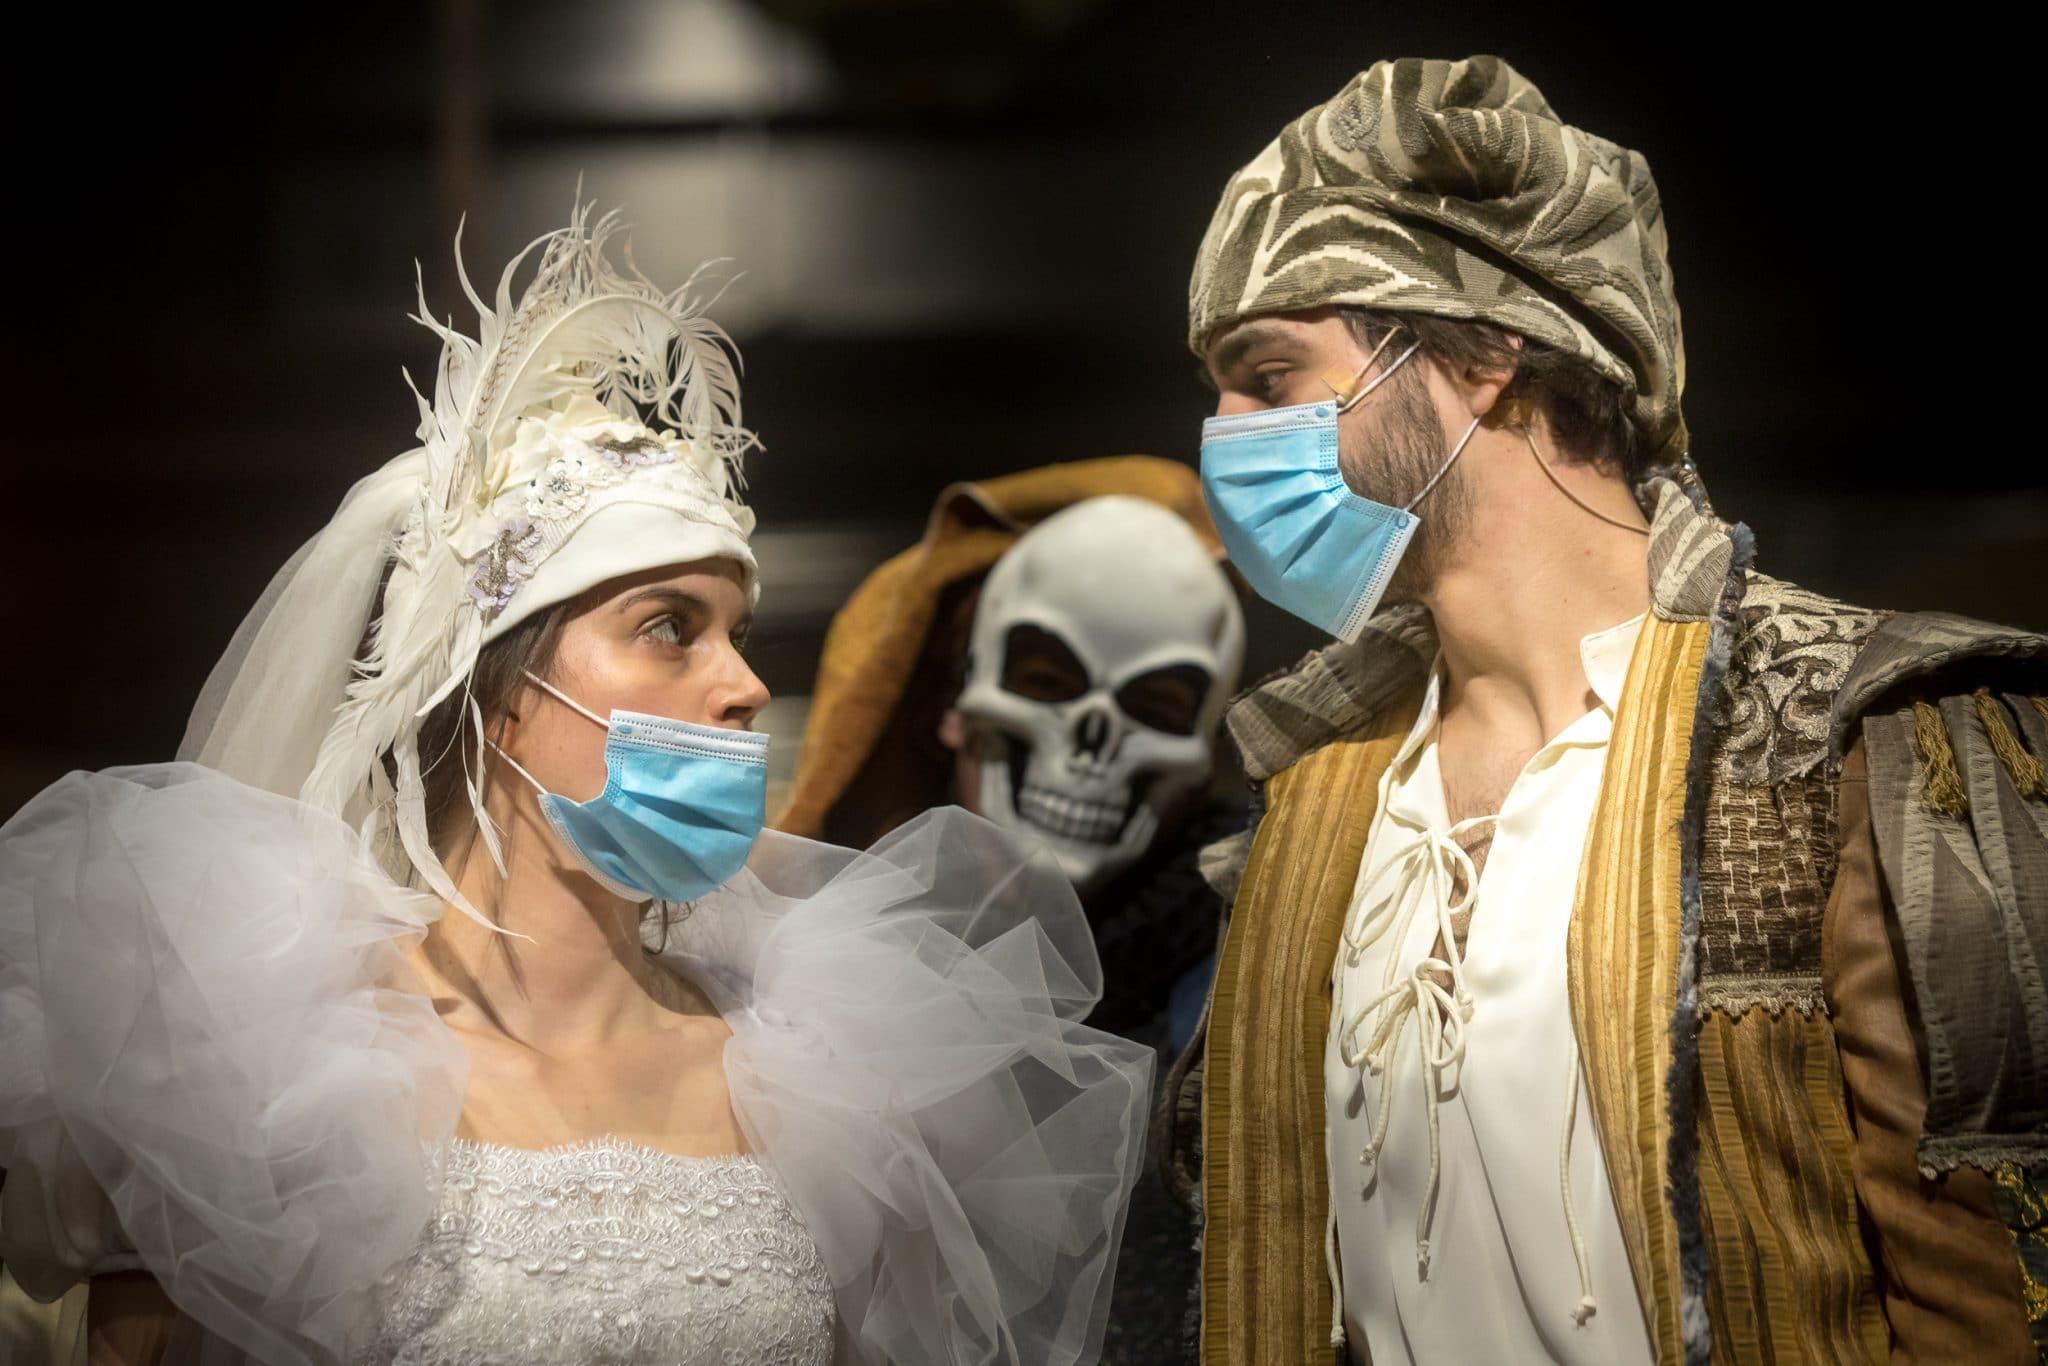 szerelem a koronavirus idejen dokumentumfilm nemzeti szinhaz